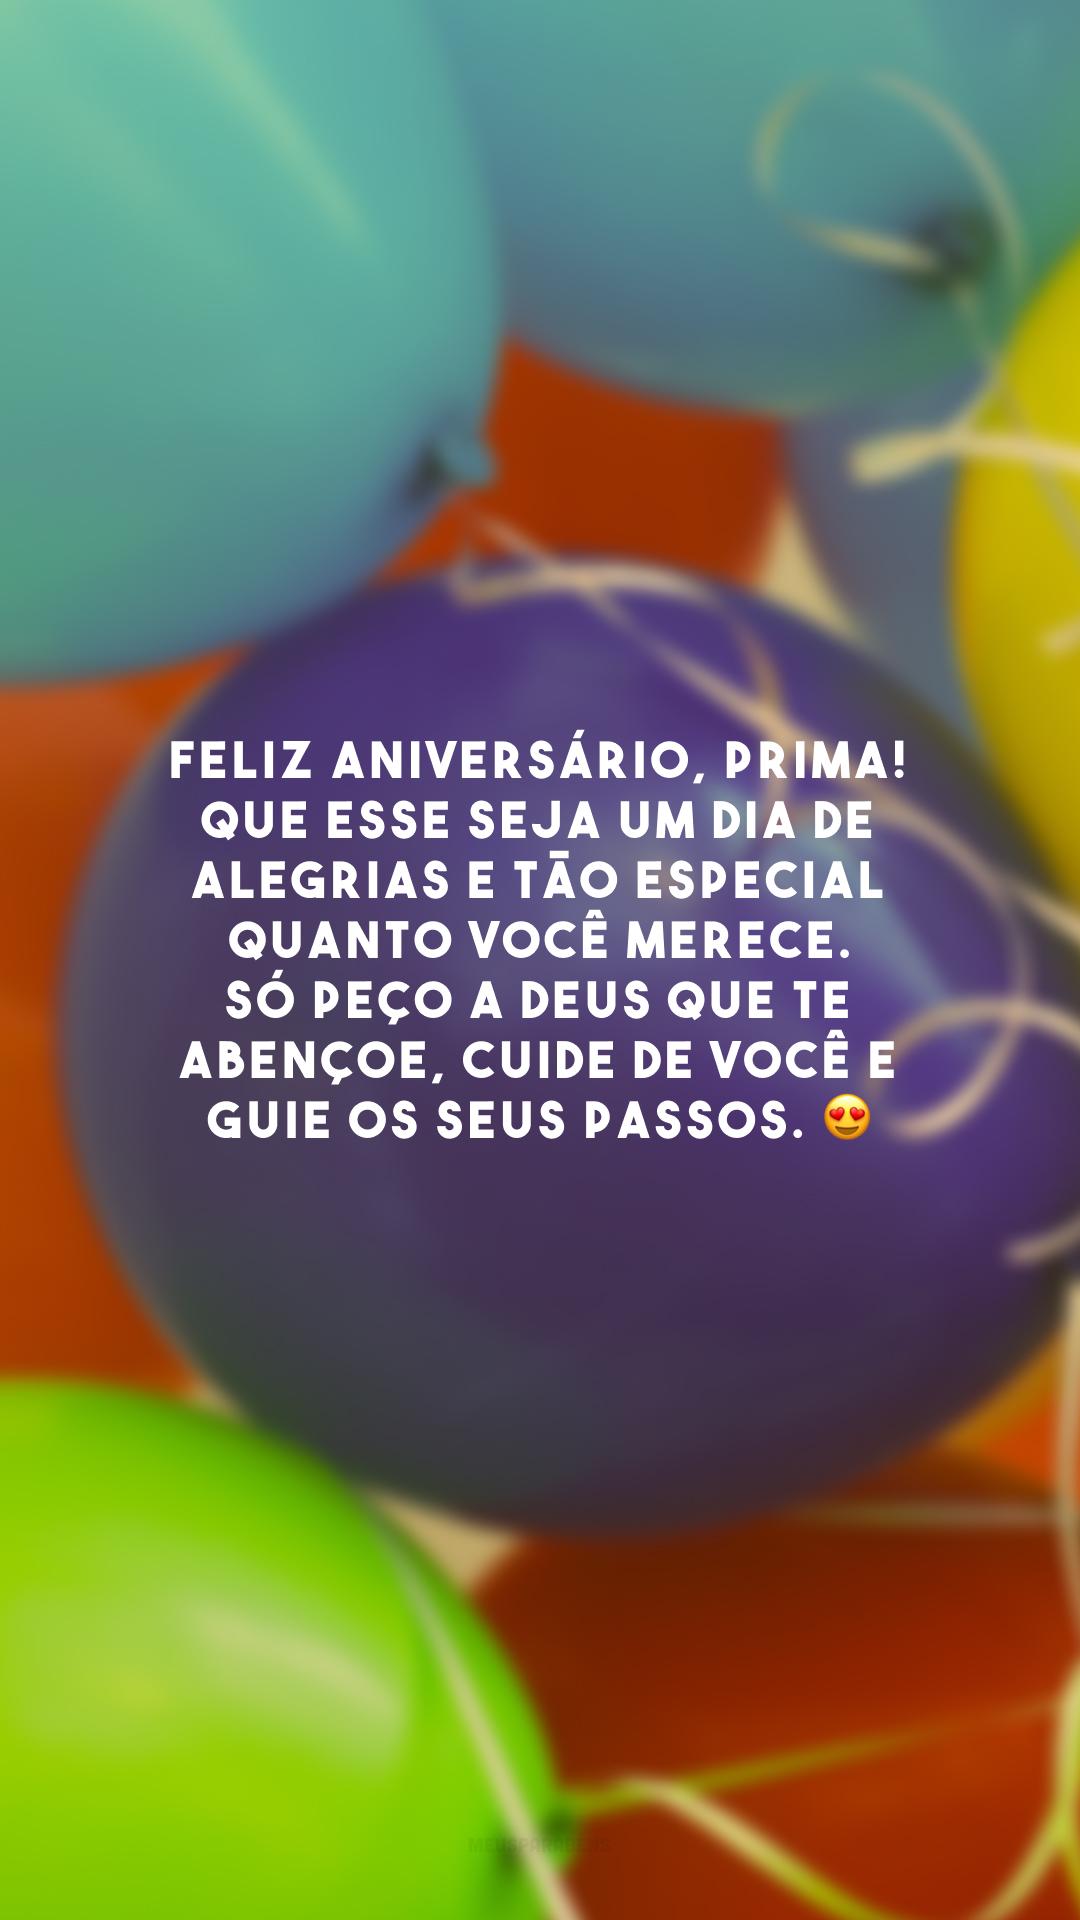 Feliz aniversário, prima! Que esse seja um dia de alegrias e tão especial quanto você merece. Só peço a Deus que te abençoe, cuide de você e guie os seus passos. 😍